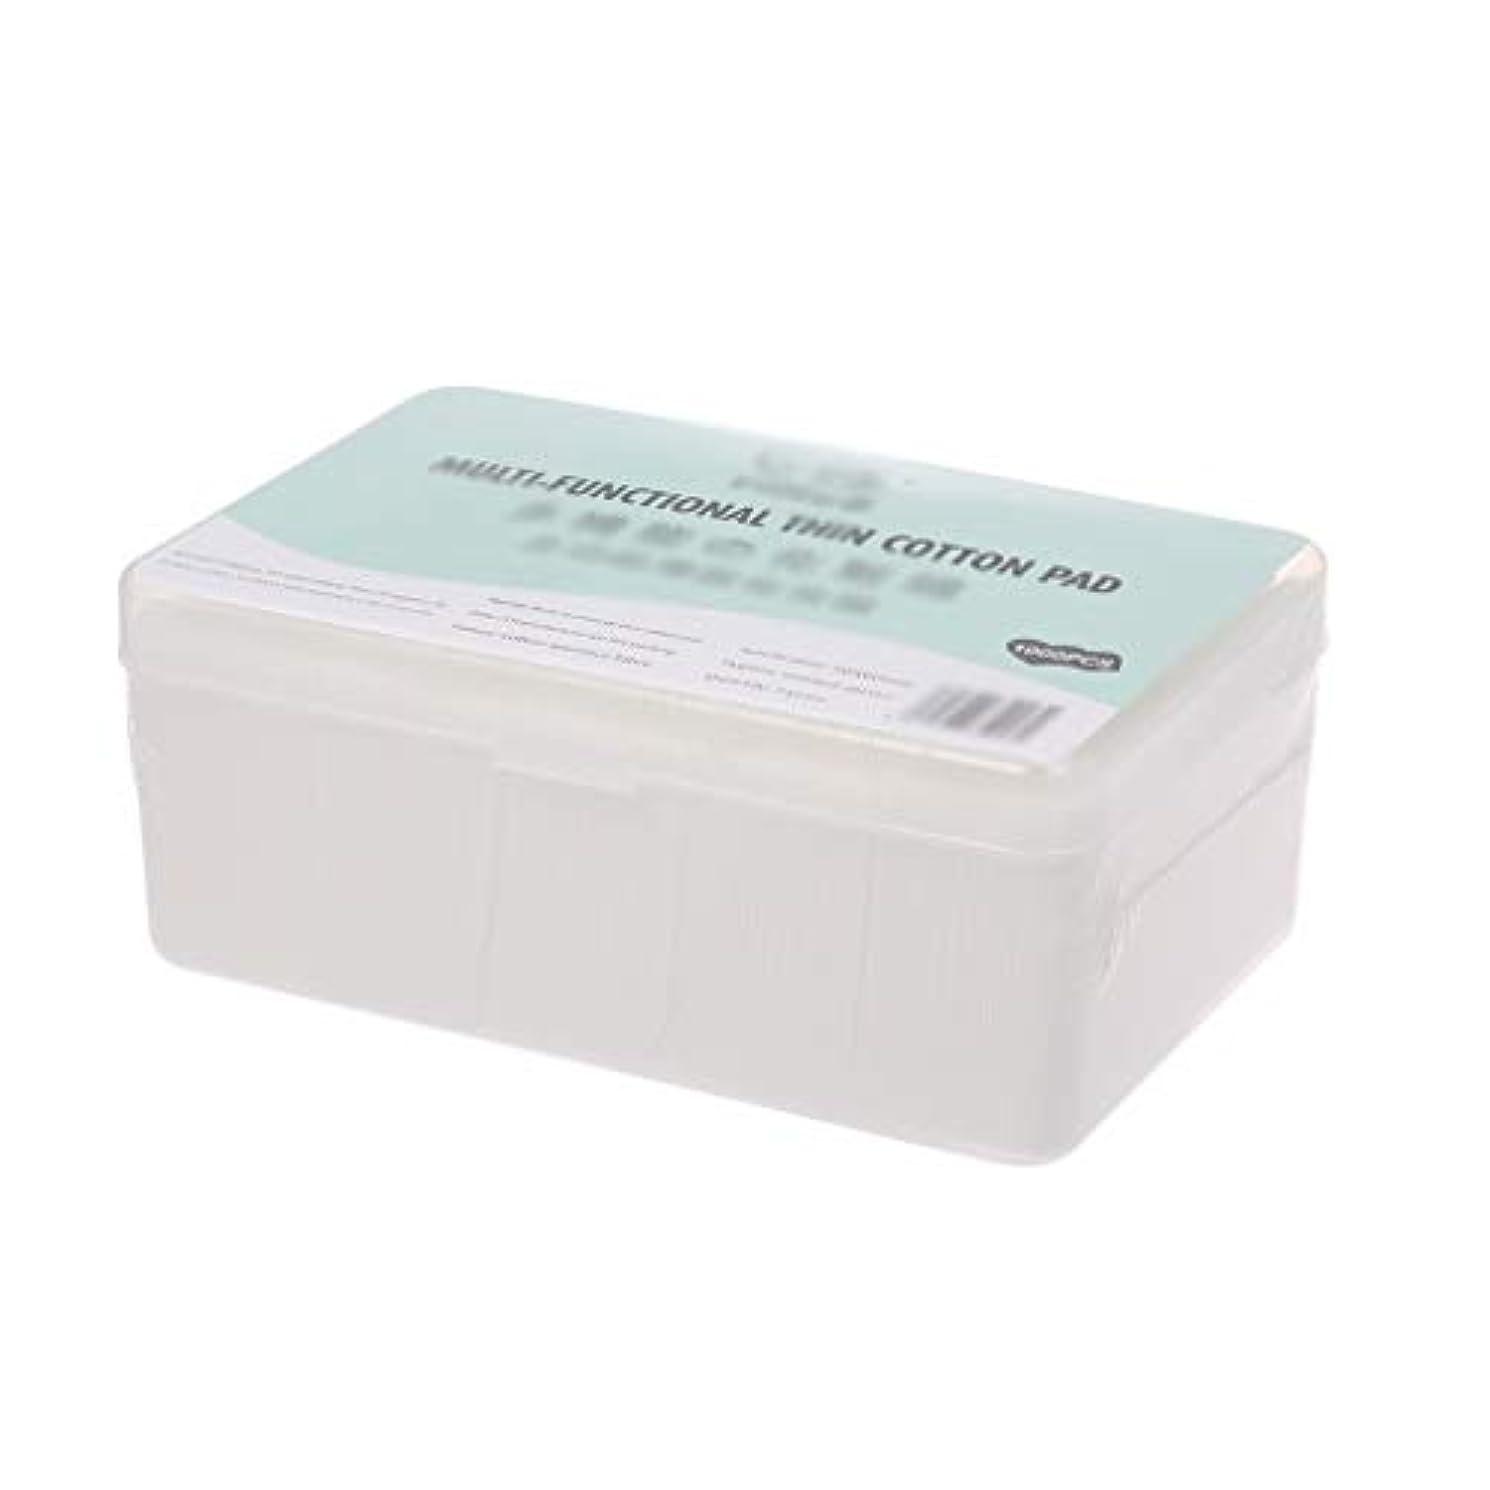 アルプス上へ孤独クレンジングシート 1000ピース箱入り使い捨て超薄型コットンメイク落としネイルポリッシュリムーバークレンジングティッシュペーパーペーパー (Color : White, サイズ : 5*6cm)